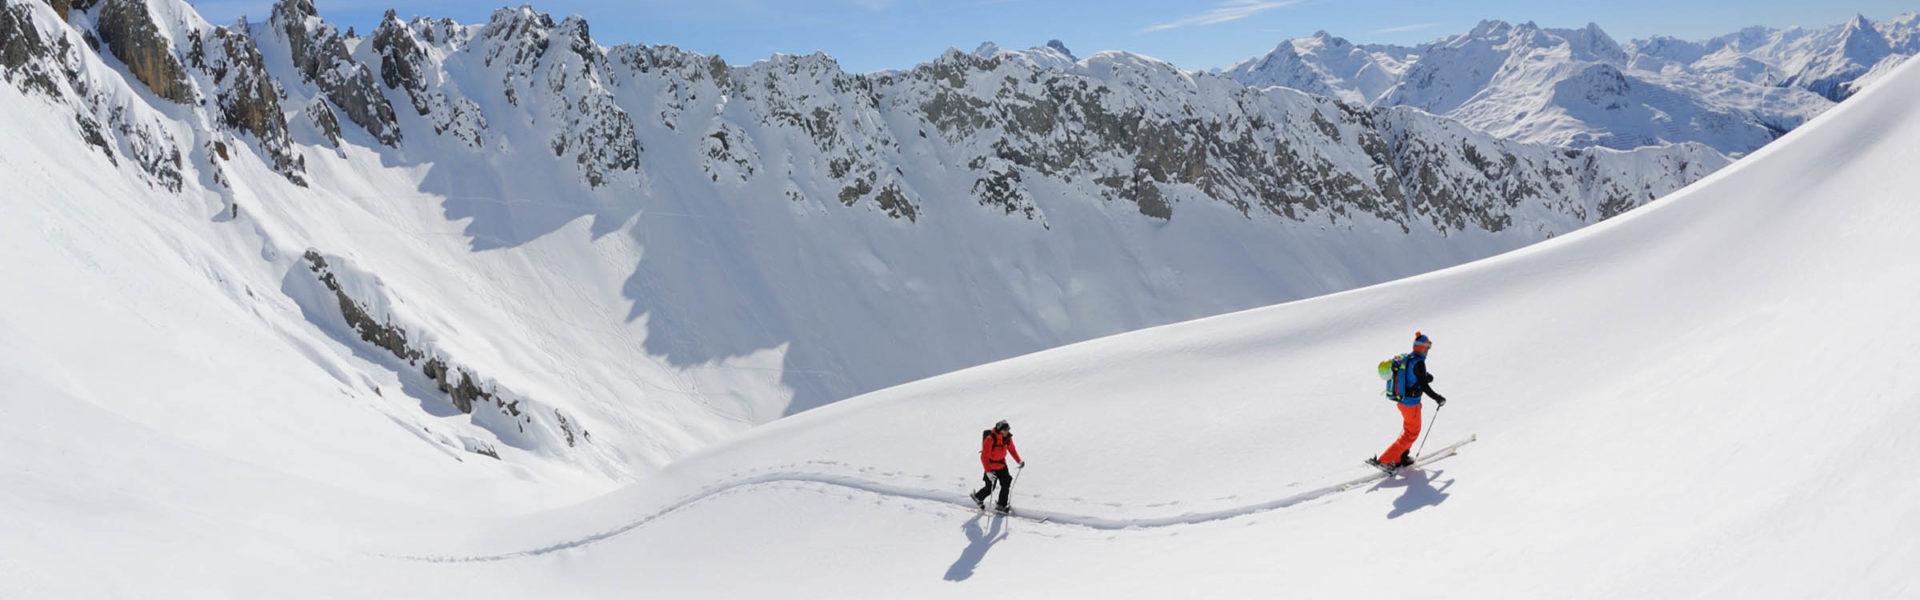 Skitouren in Lech Zuers © Sepp Mallaun/Lech Zürs Tourismus